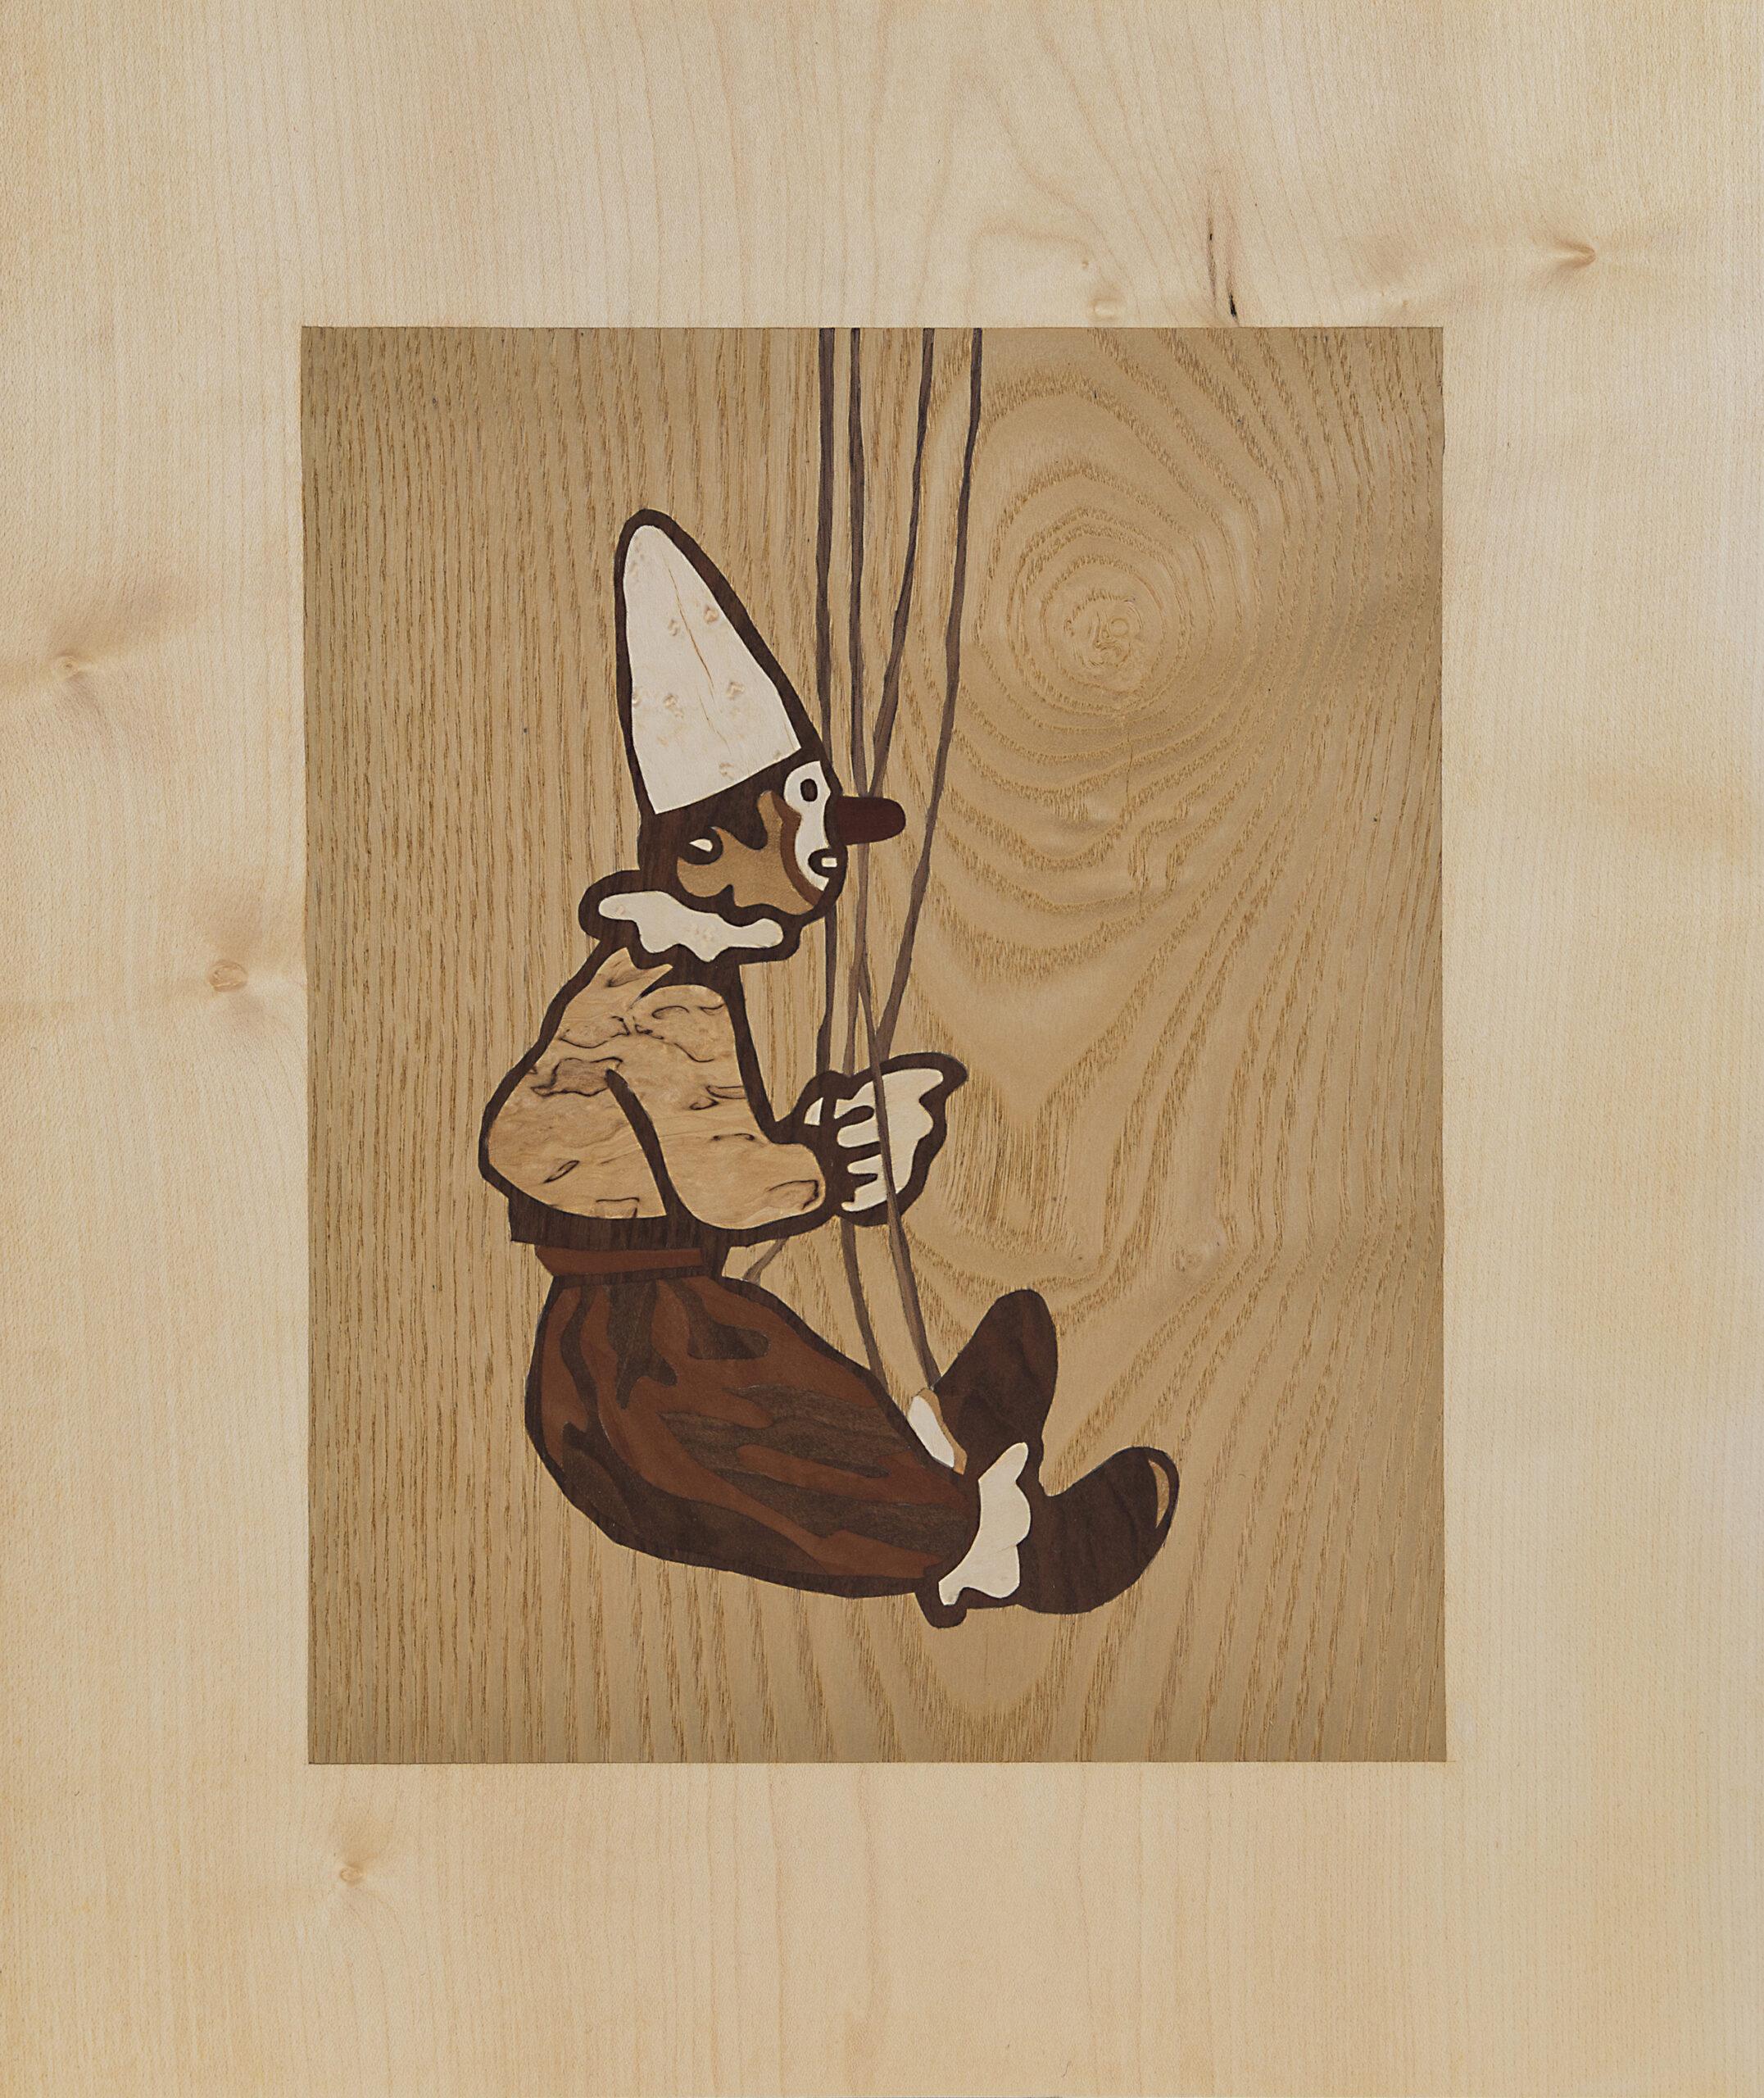 Intarsie Pierrot